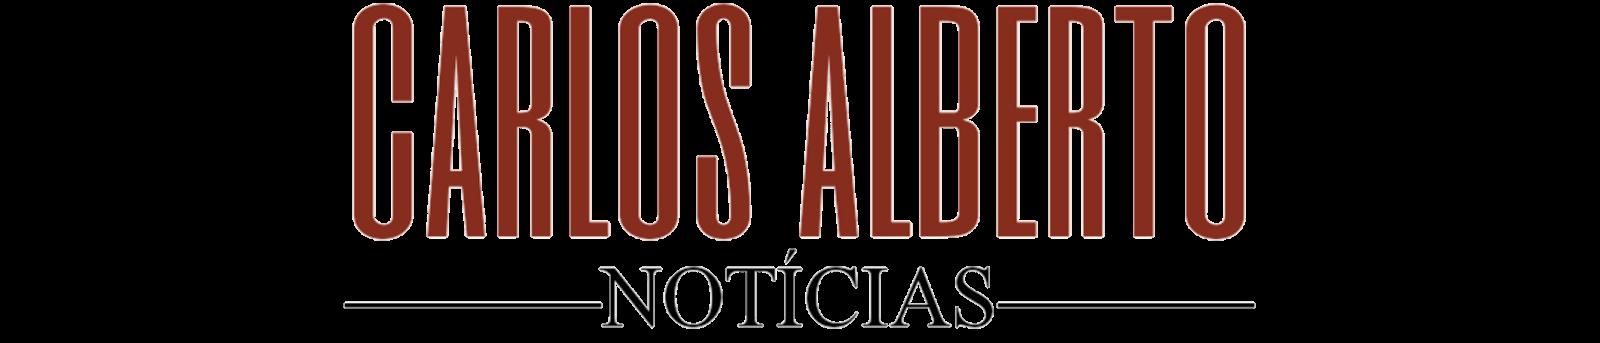 Carlos Alberto Notícias